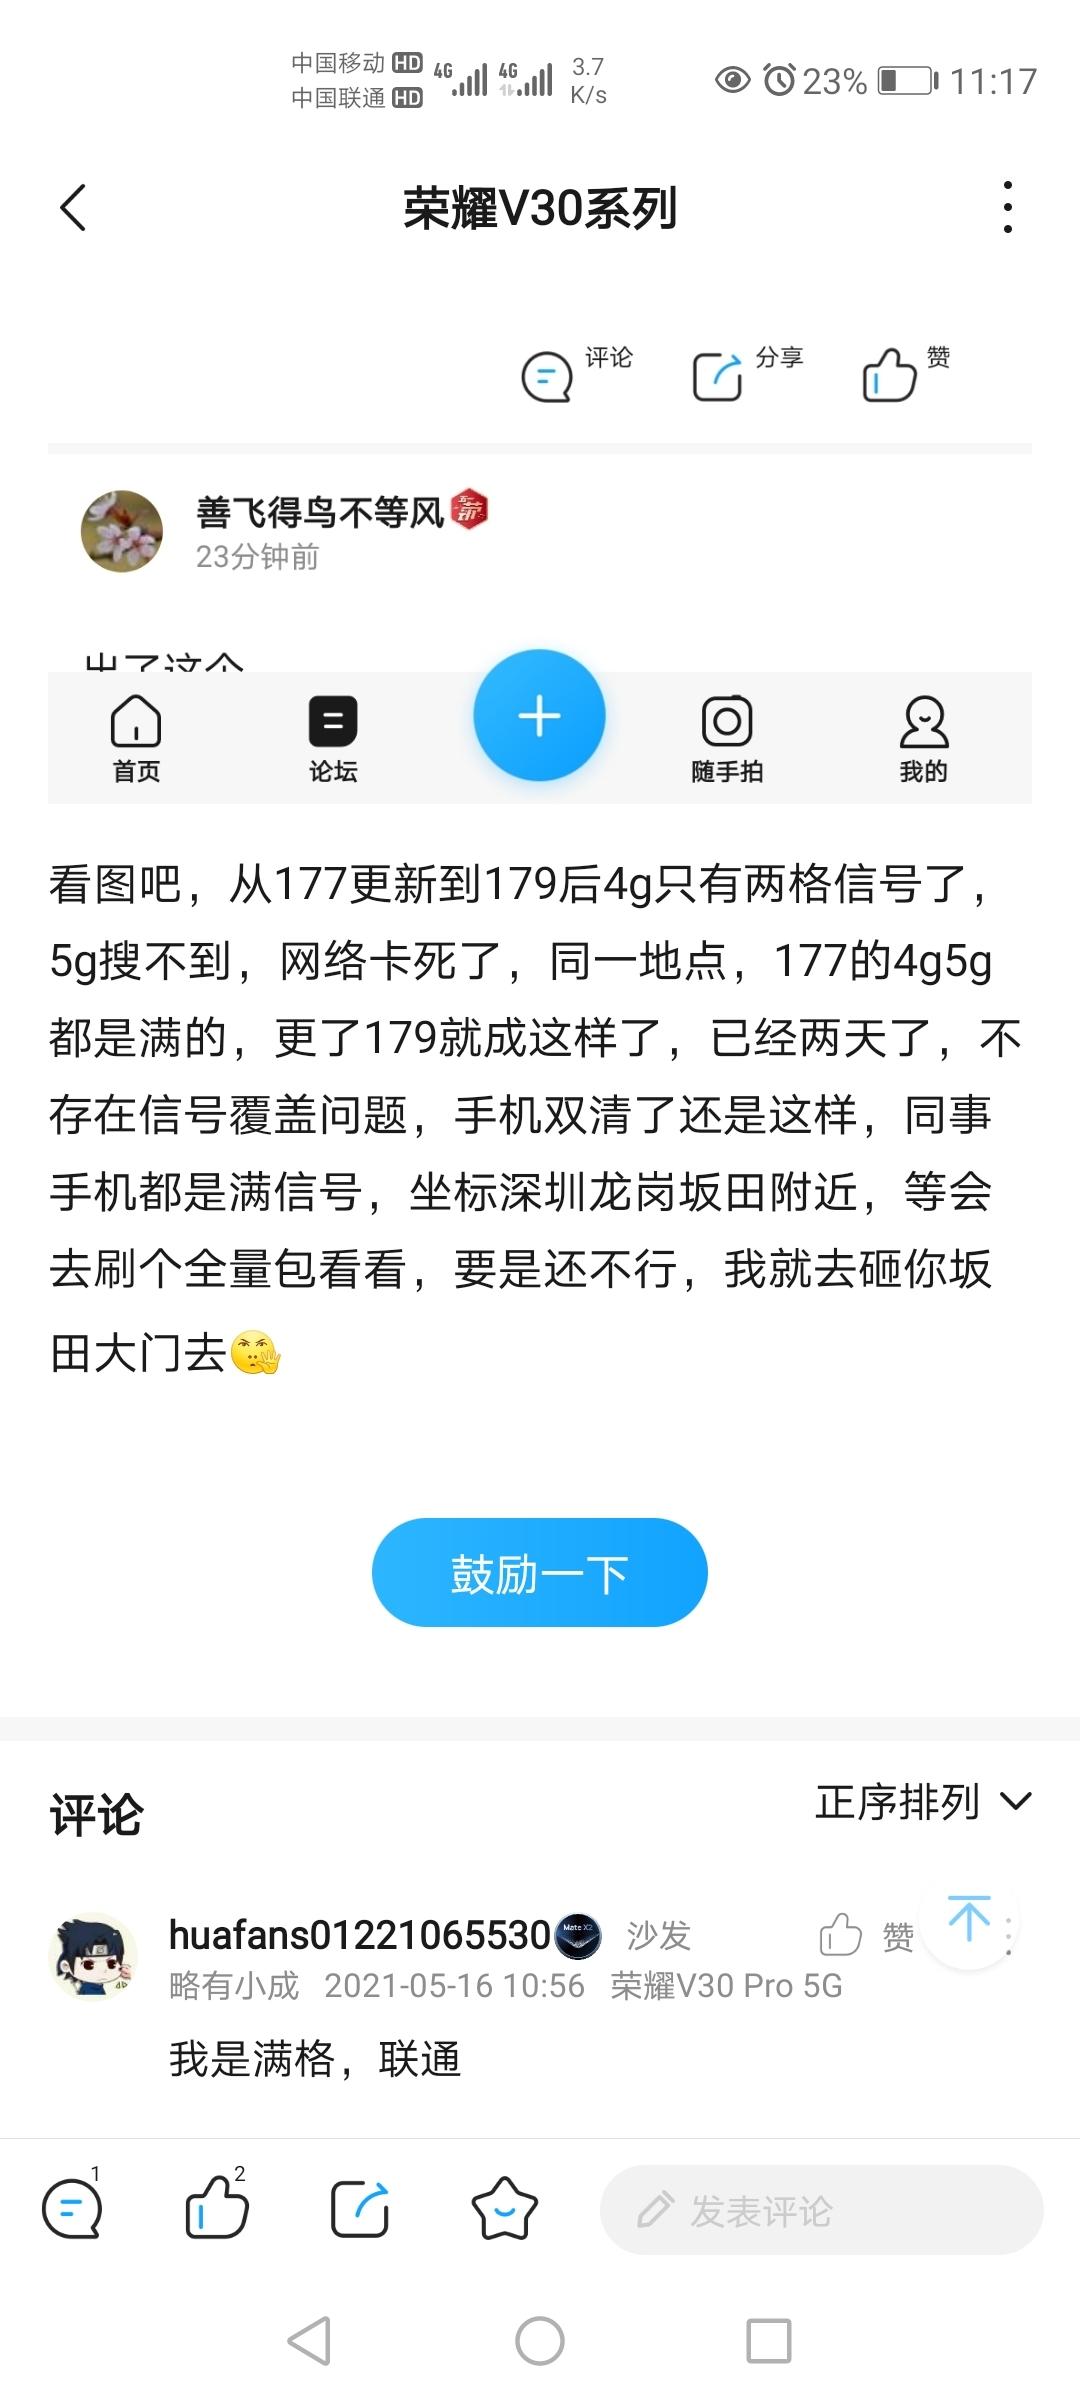 Screenshot_20210516_111725_com.huawei.fans.jpg